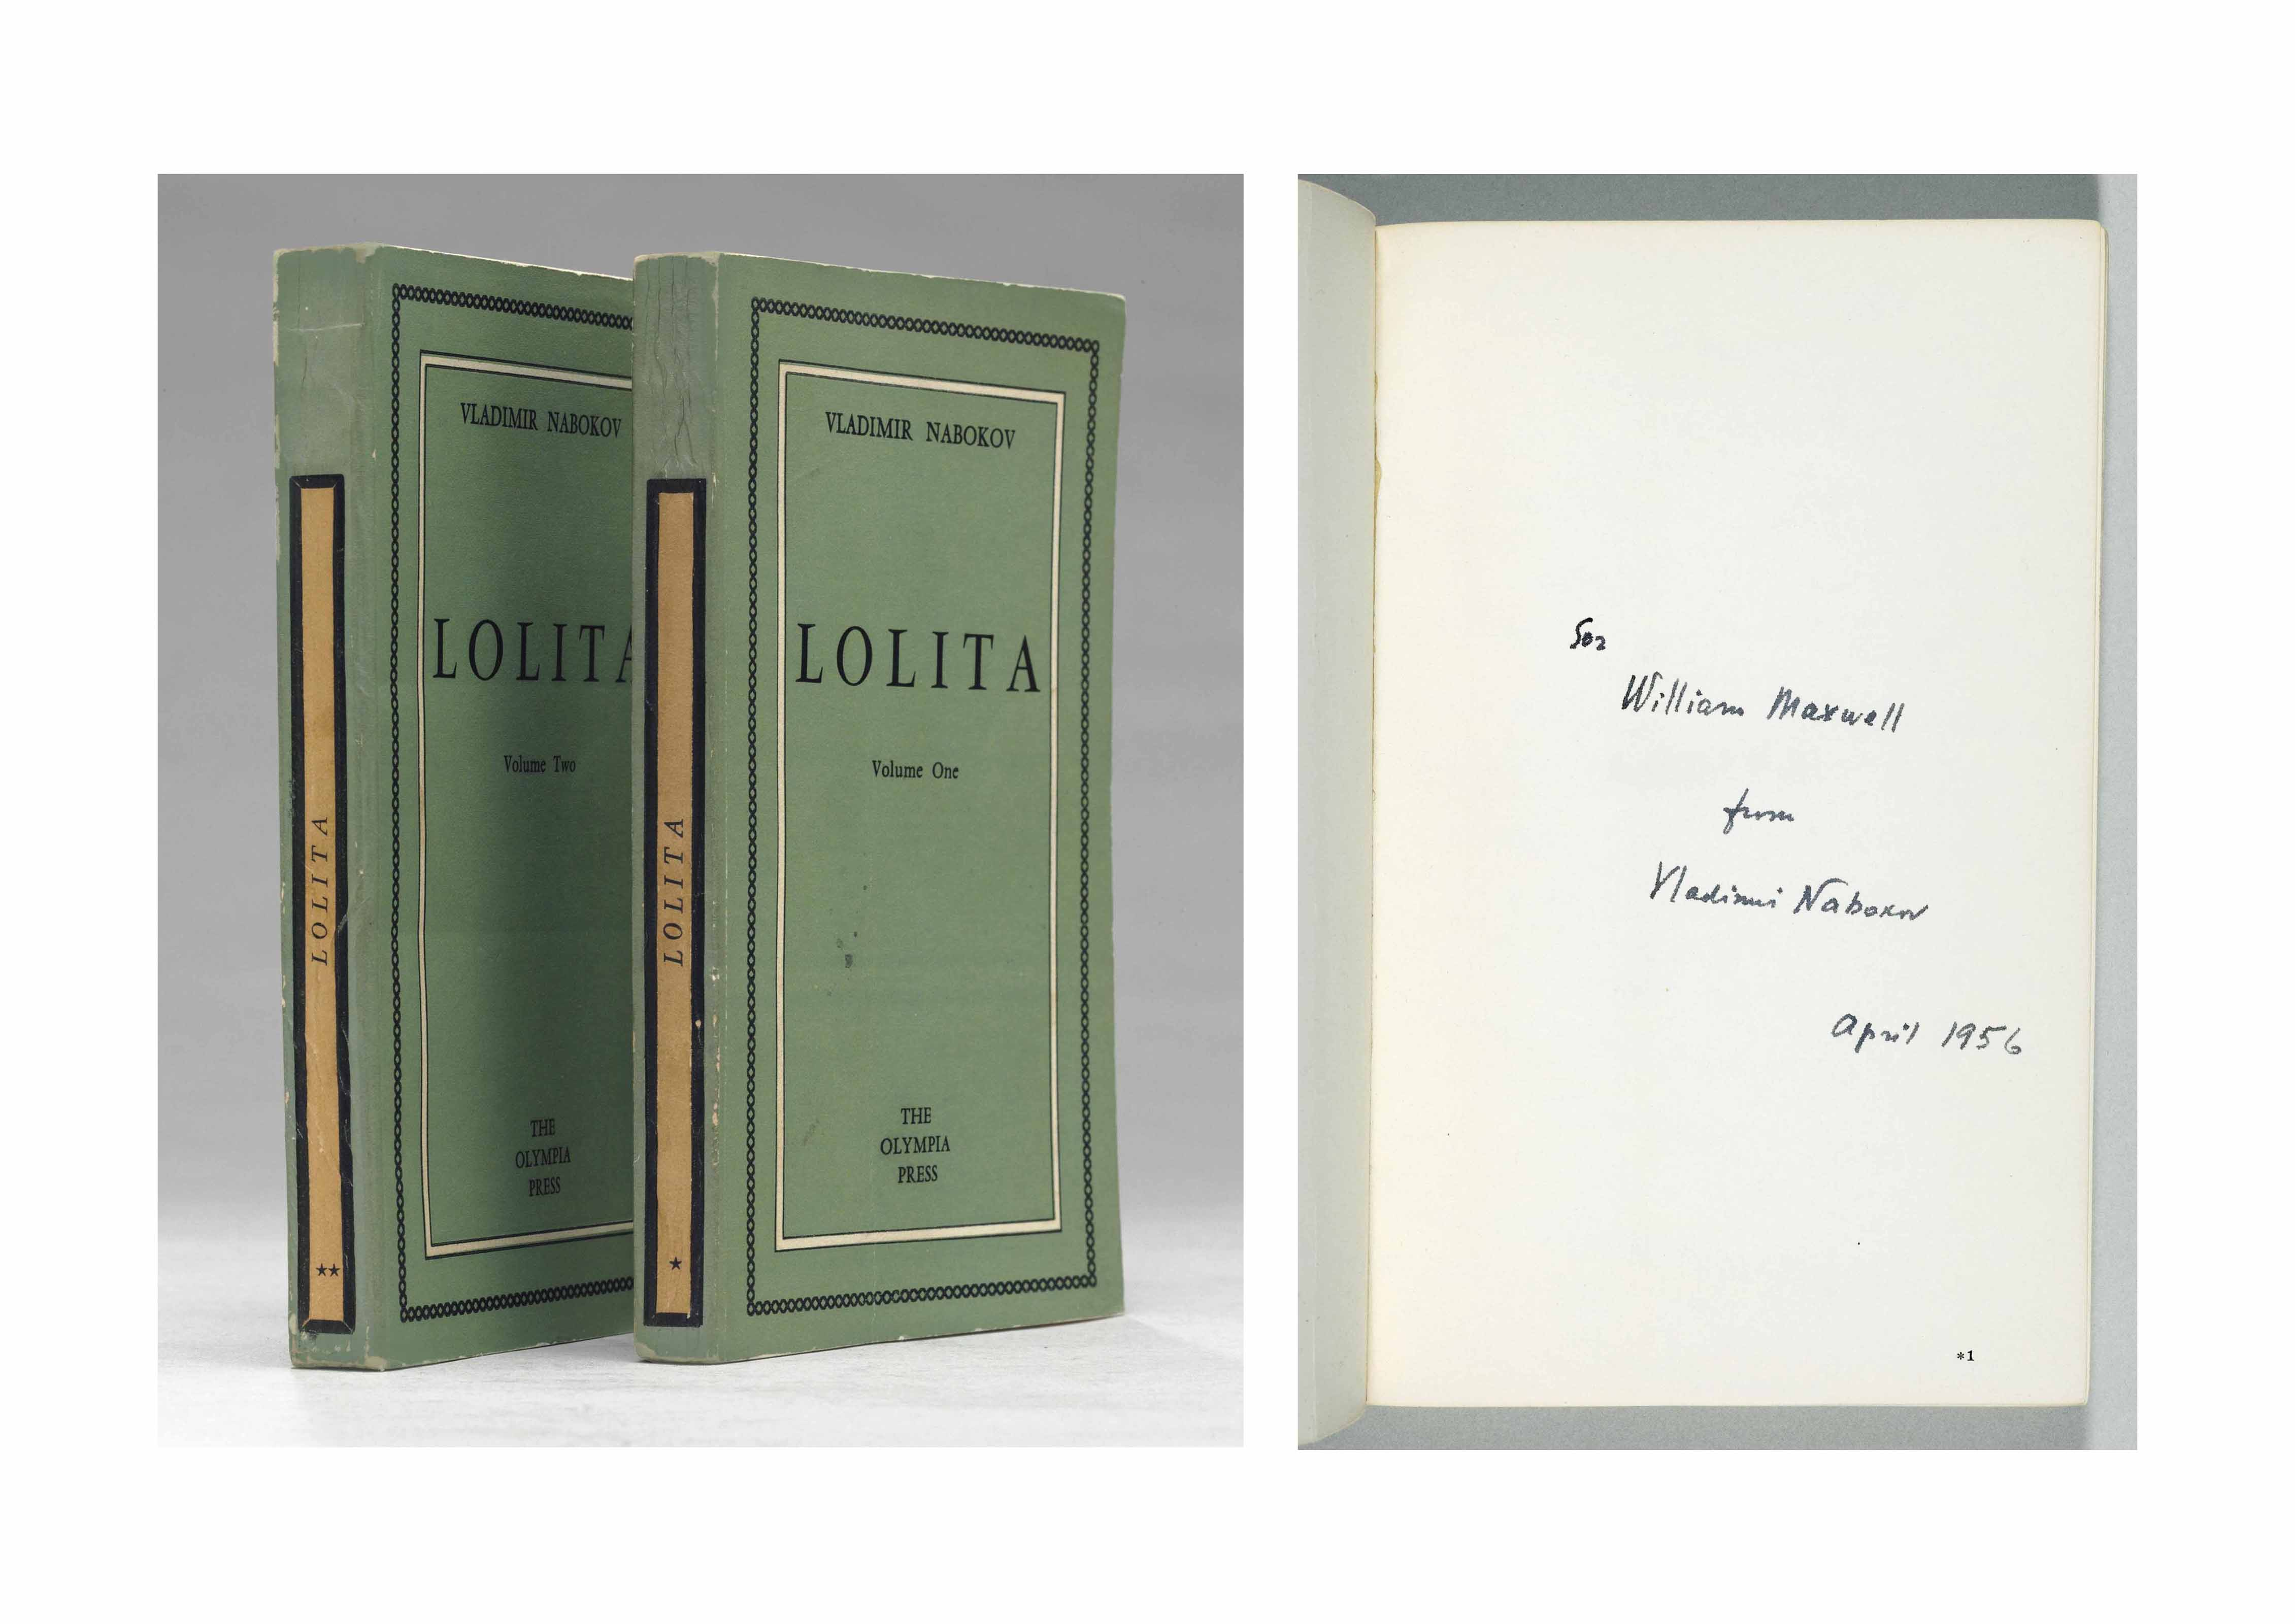 NABOKOV, Vladimir. Lolita. Paris: The Olympia Press, 1955.